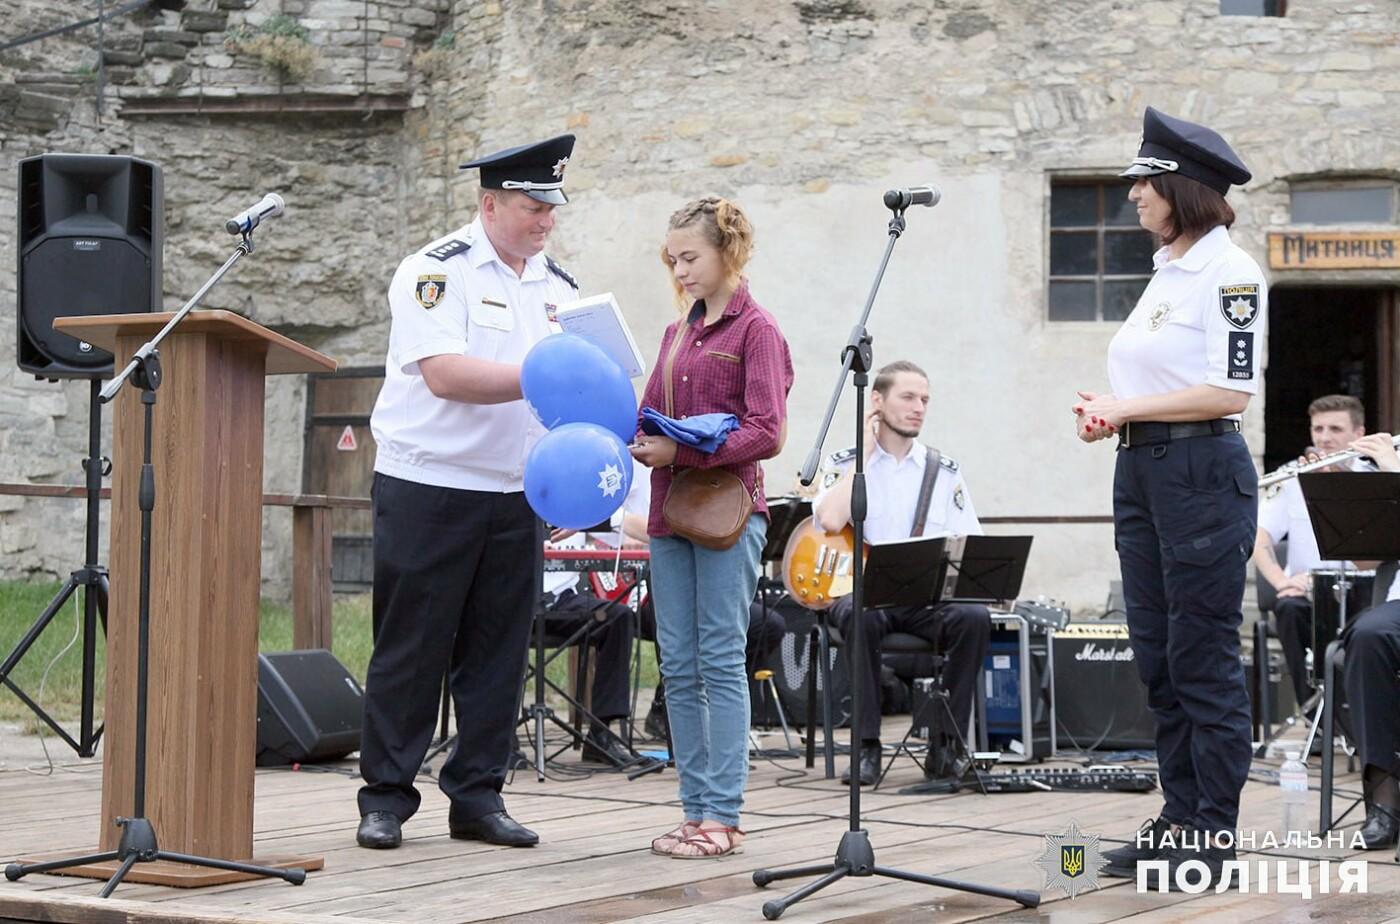 Кам'янецькі поліцейські здійснили мрію 8-класниці , фото-3, Фото: пресслужба Поліції Хмельницької області.